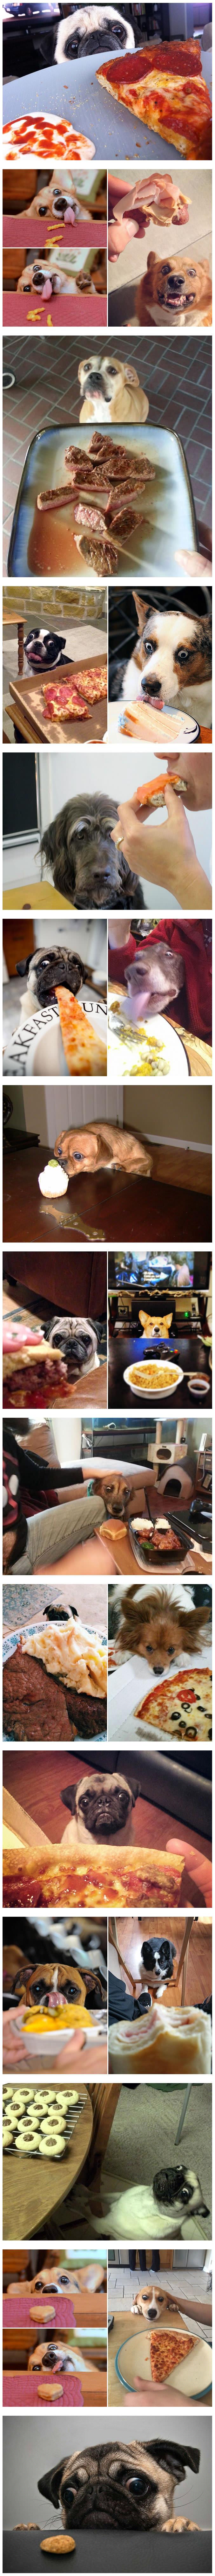 φαγητό Σκύλος σκύλοι